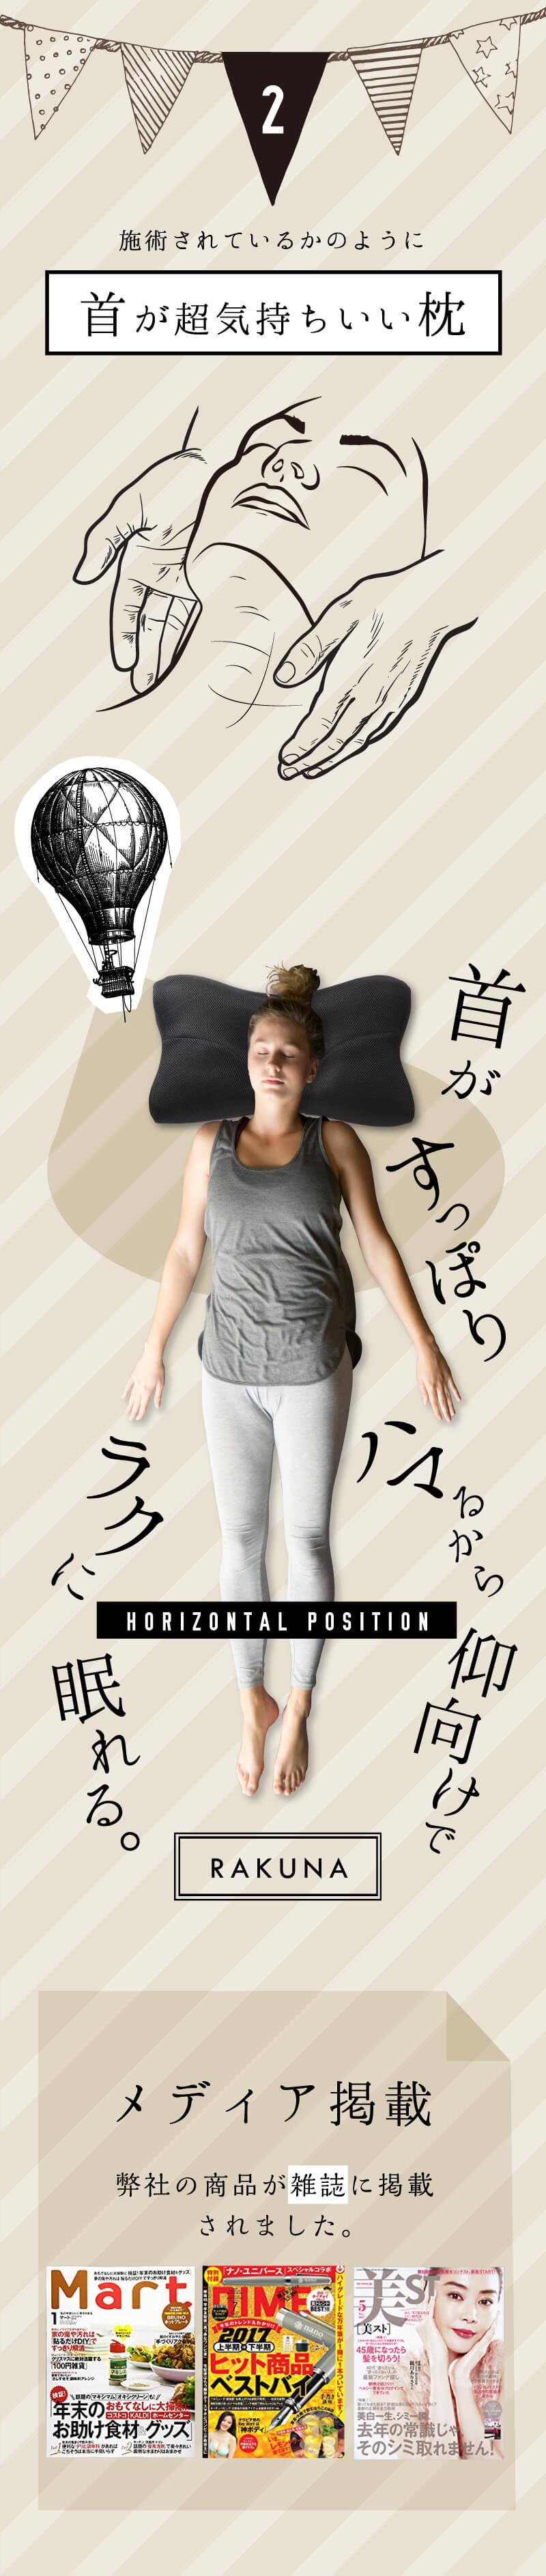 施術されているかのように首が超気持ちいい枕